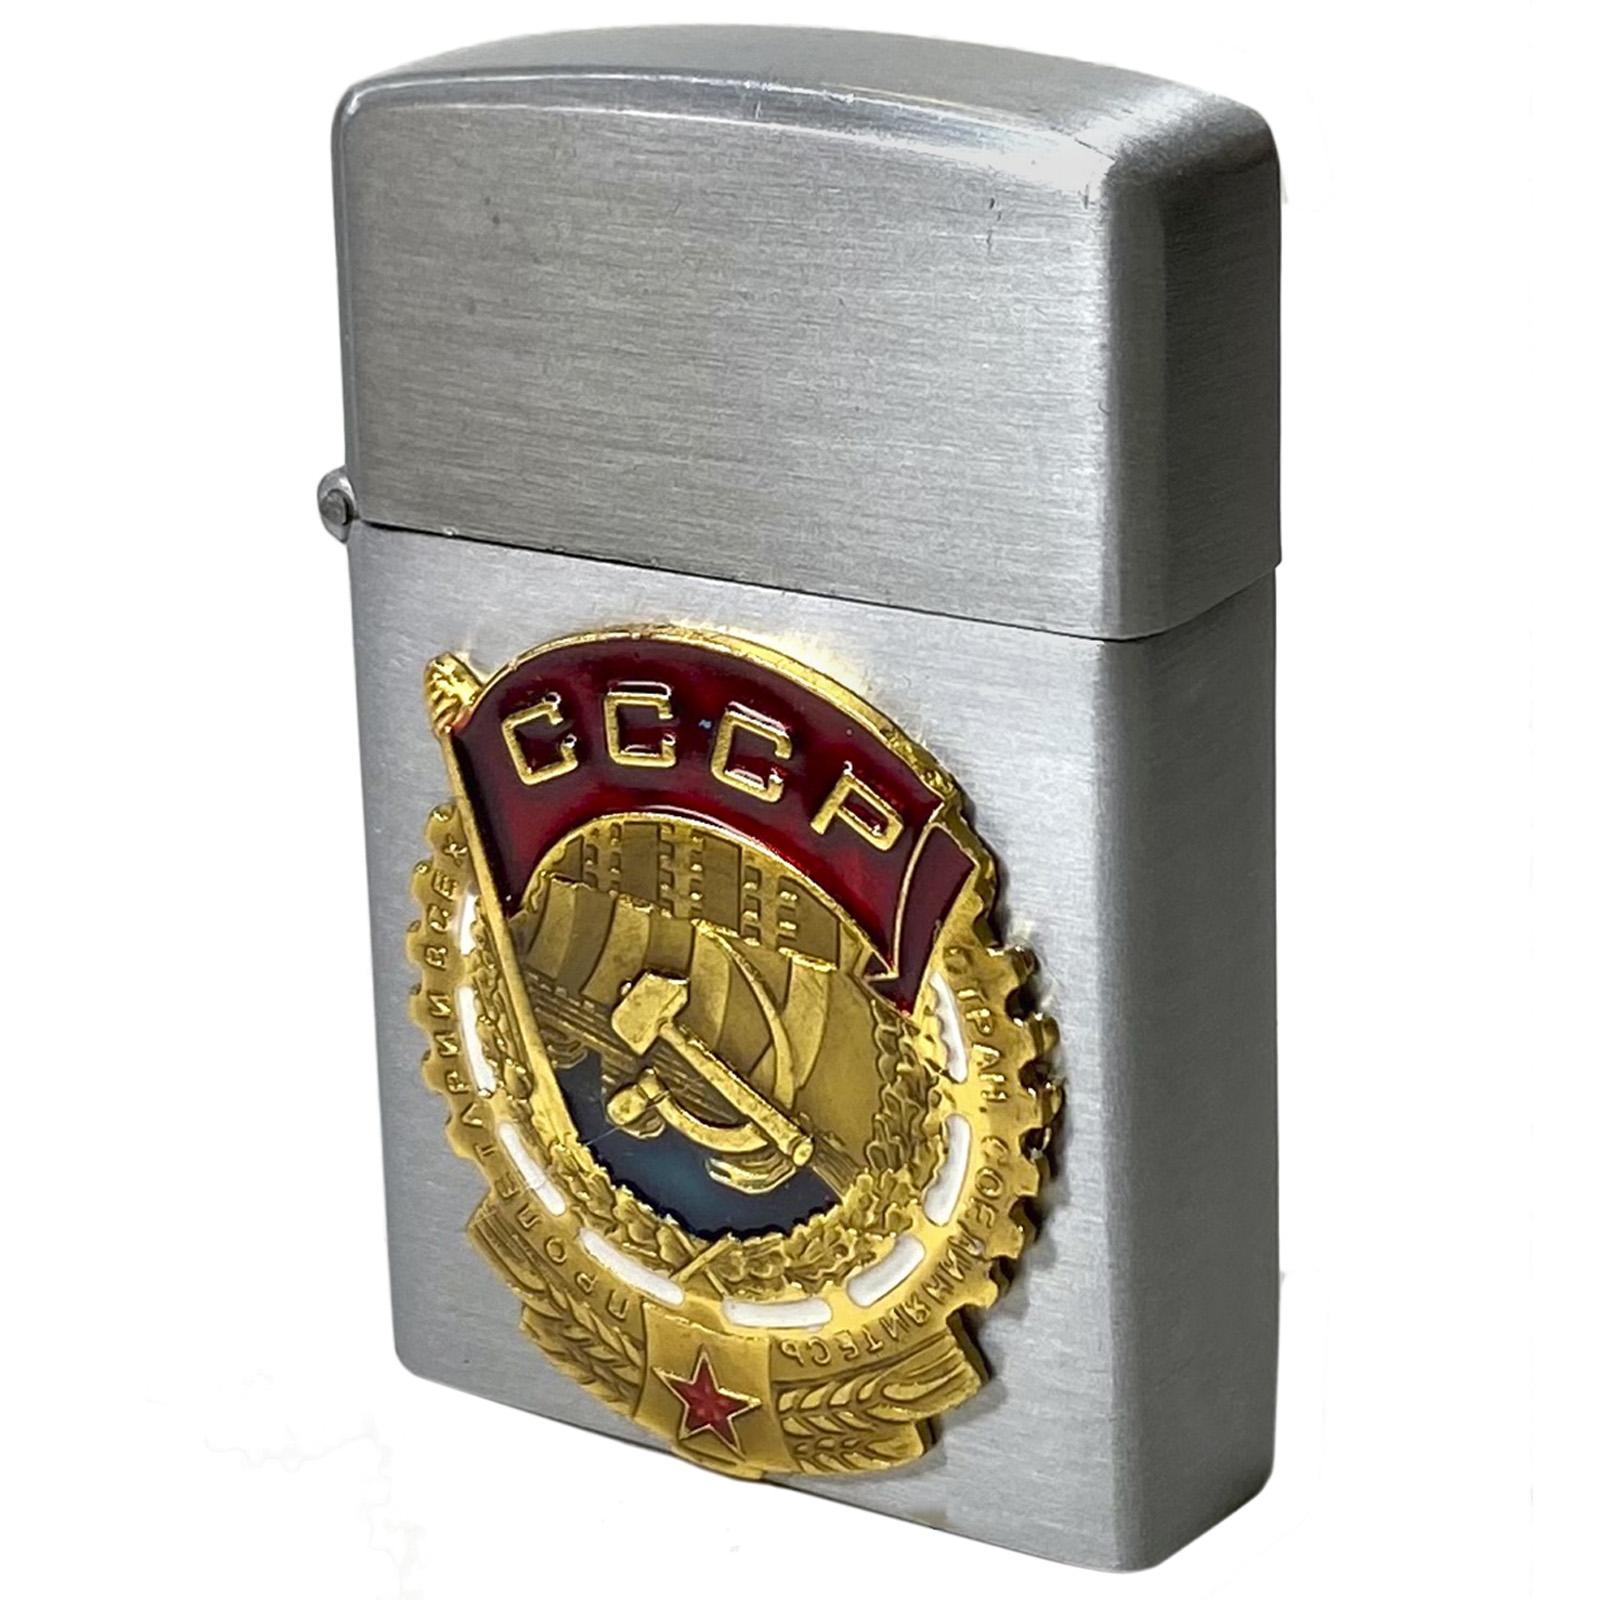 Купить зажигалку с накладкой в виде ордена Трудового Красного Знамени